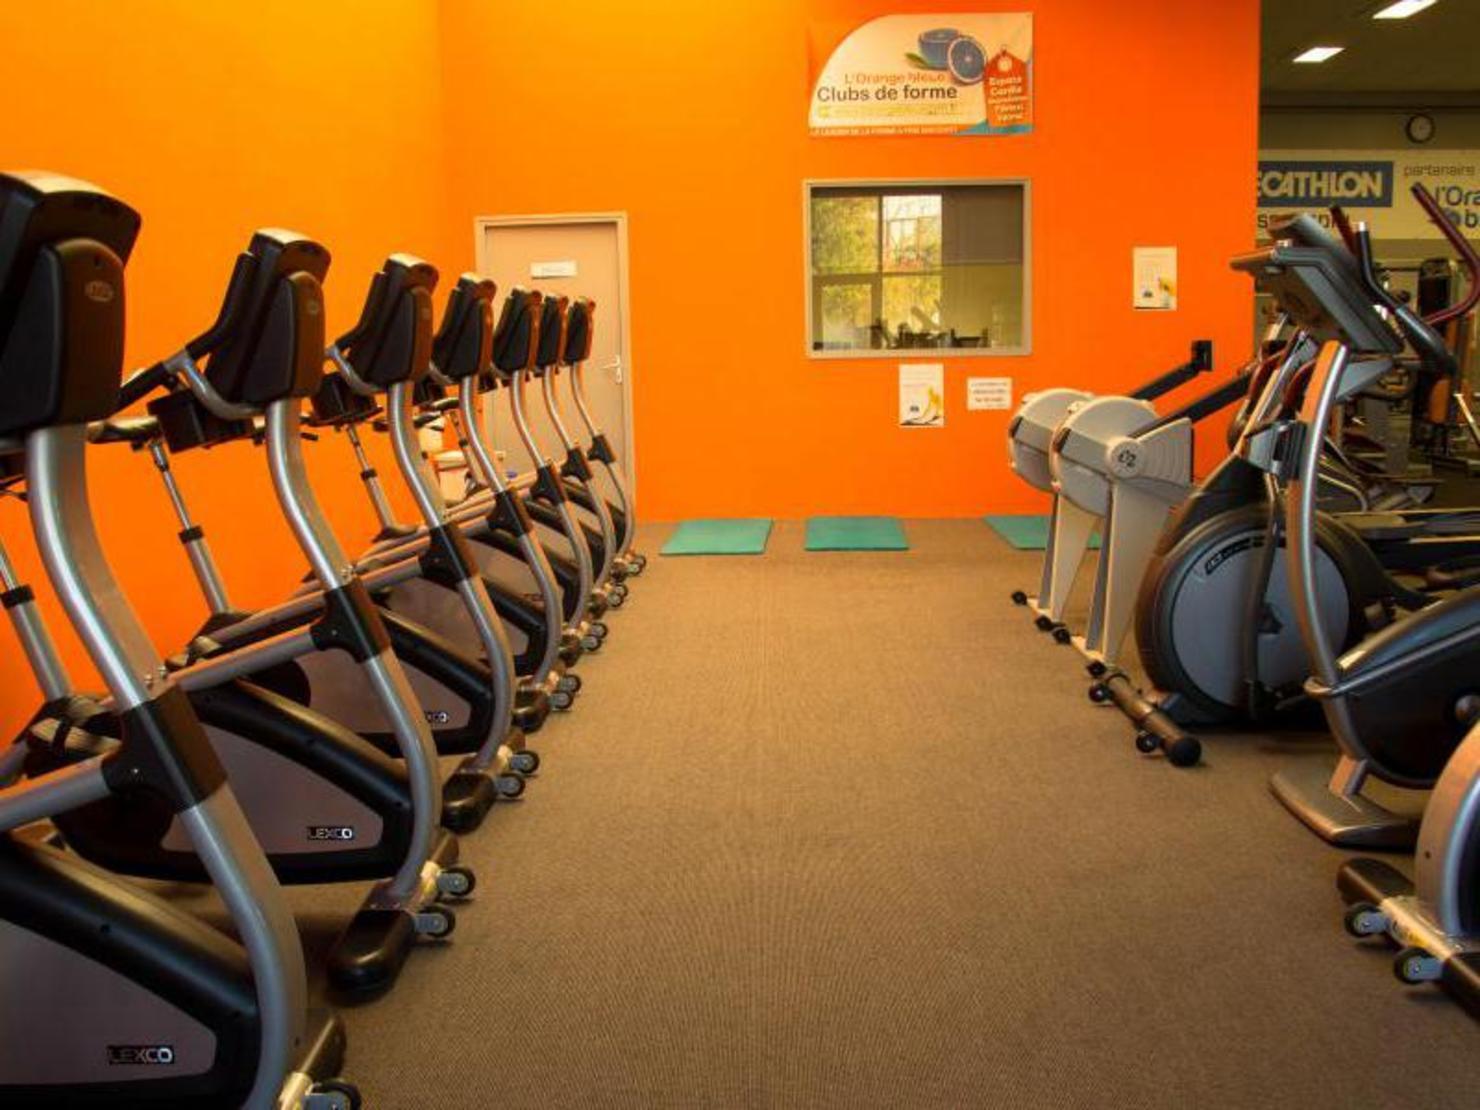 l 39 orange bleue englos haubourdin tarifs avis horaires essai gratuit. Black Bedroom Furniture Sets. Home Design Ideas